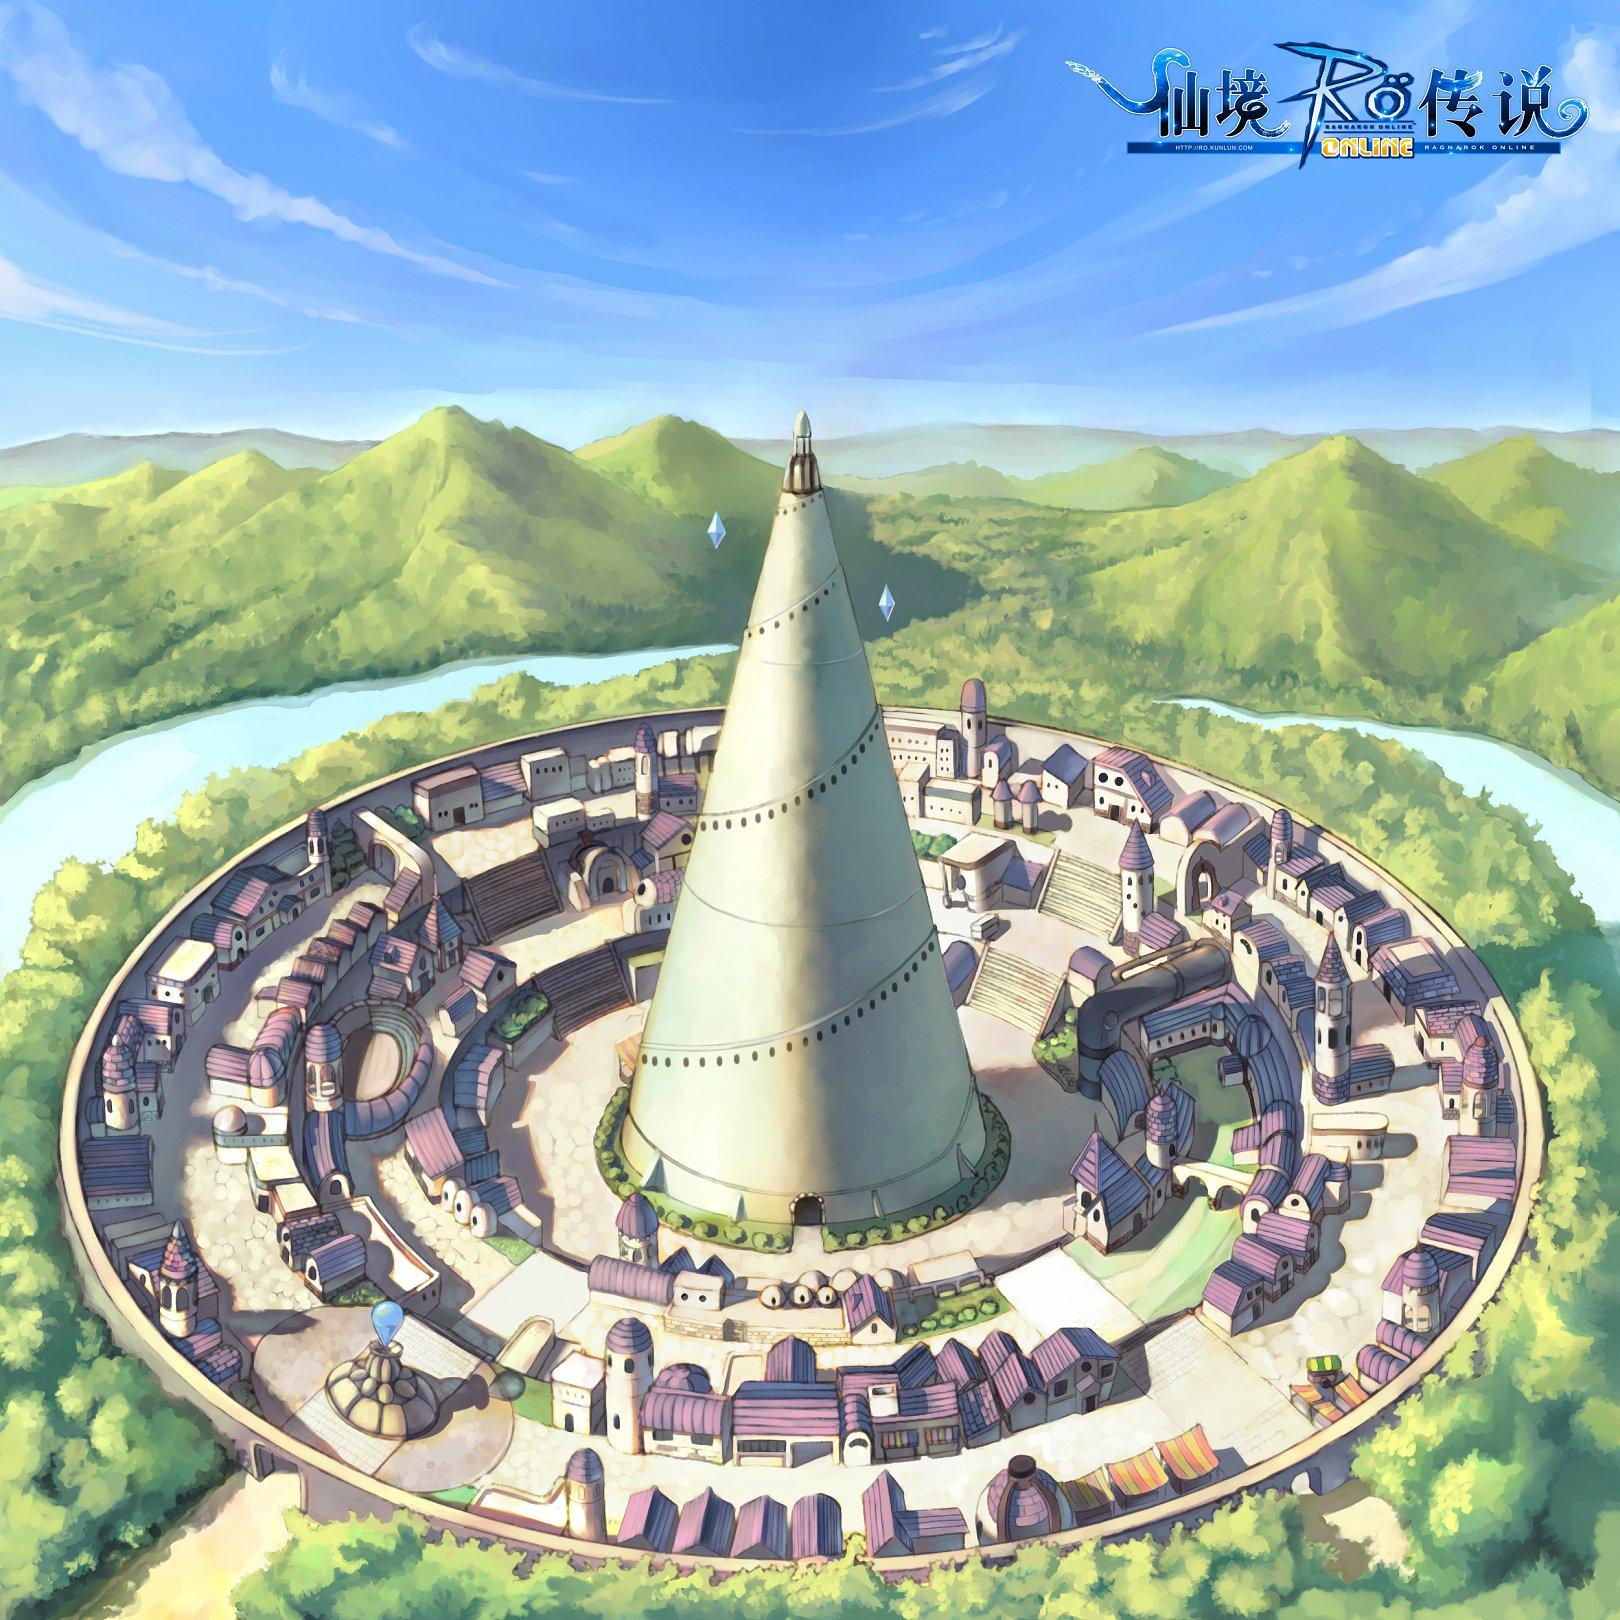 ro仙境传说精美场景原画欣赏 ro场景壁纸